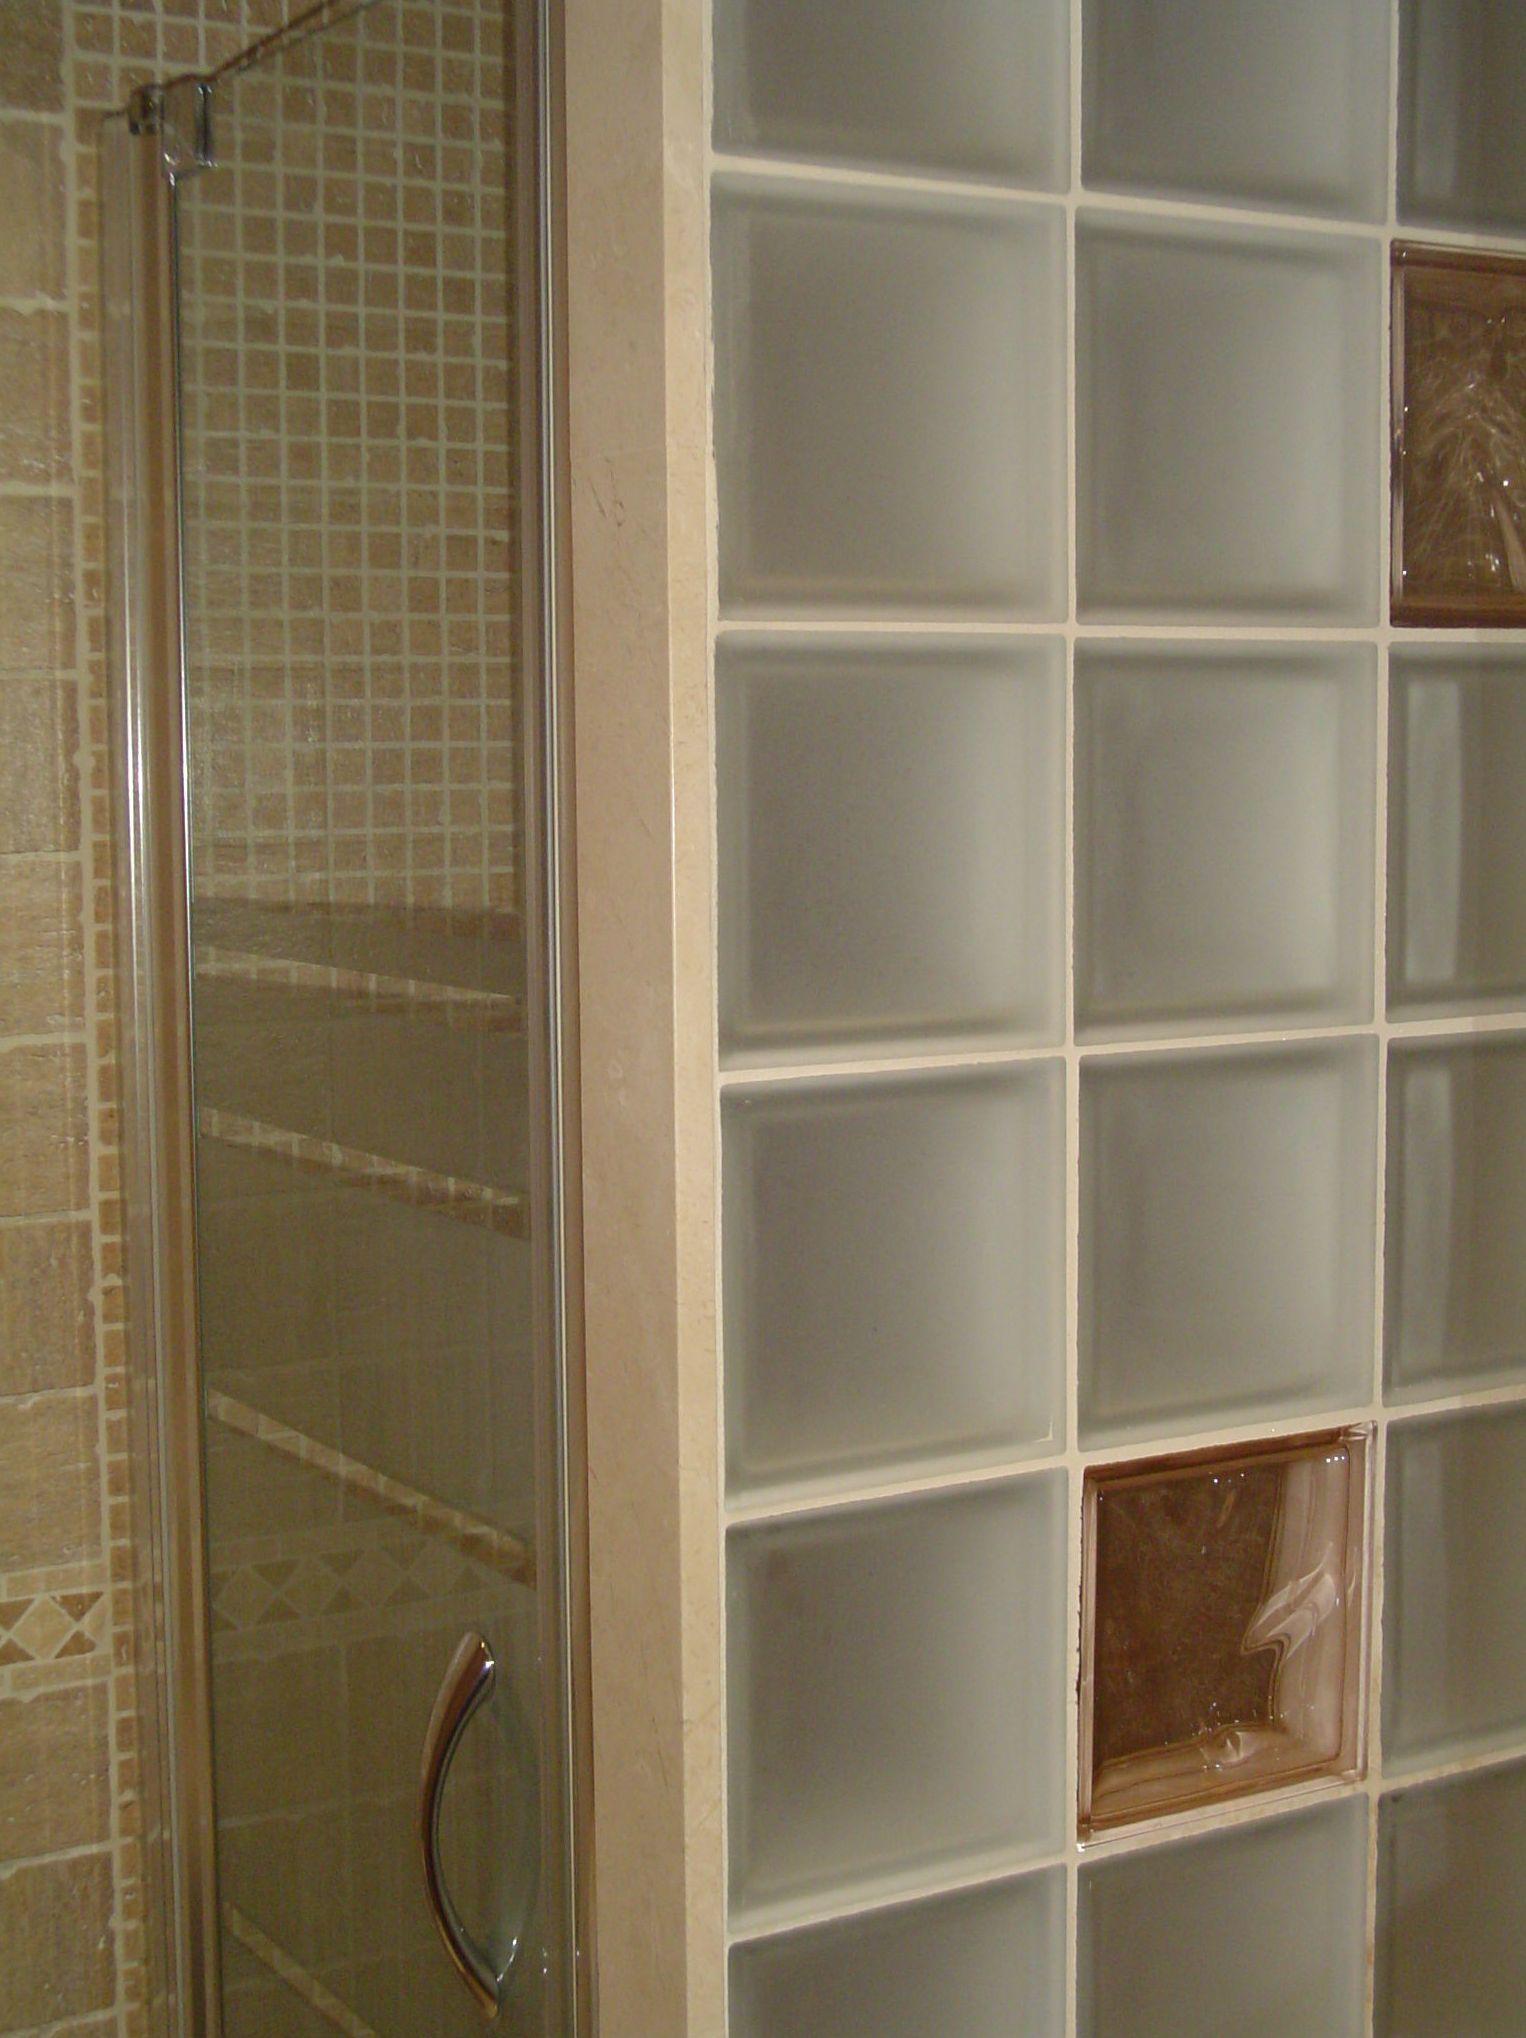 Cambio de baño a ducha Baleares http://www.multiservicioscosesdecasa.es/es/